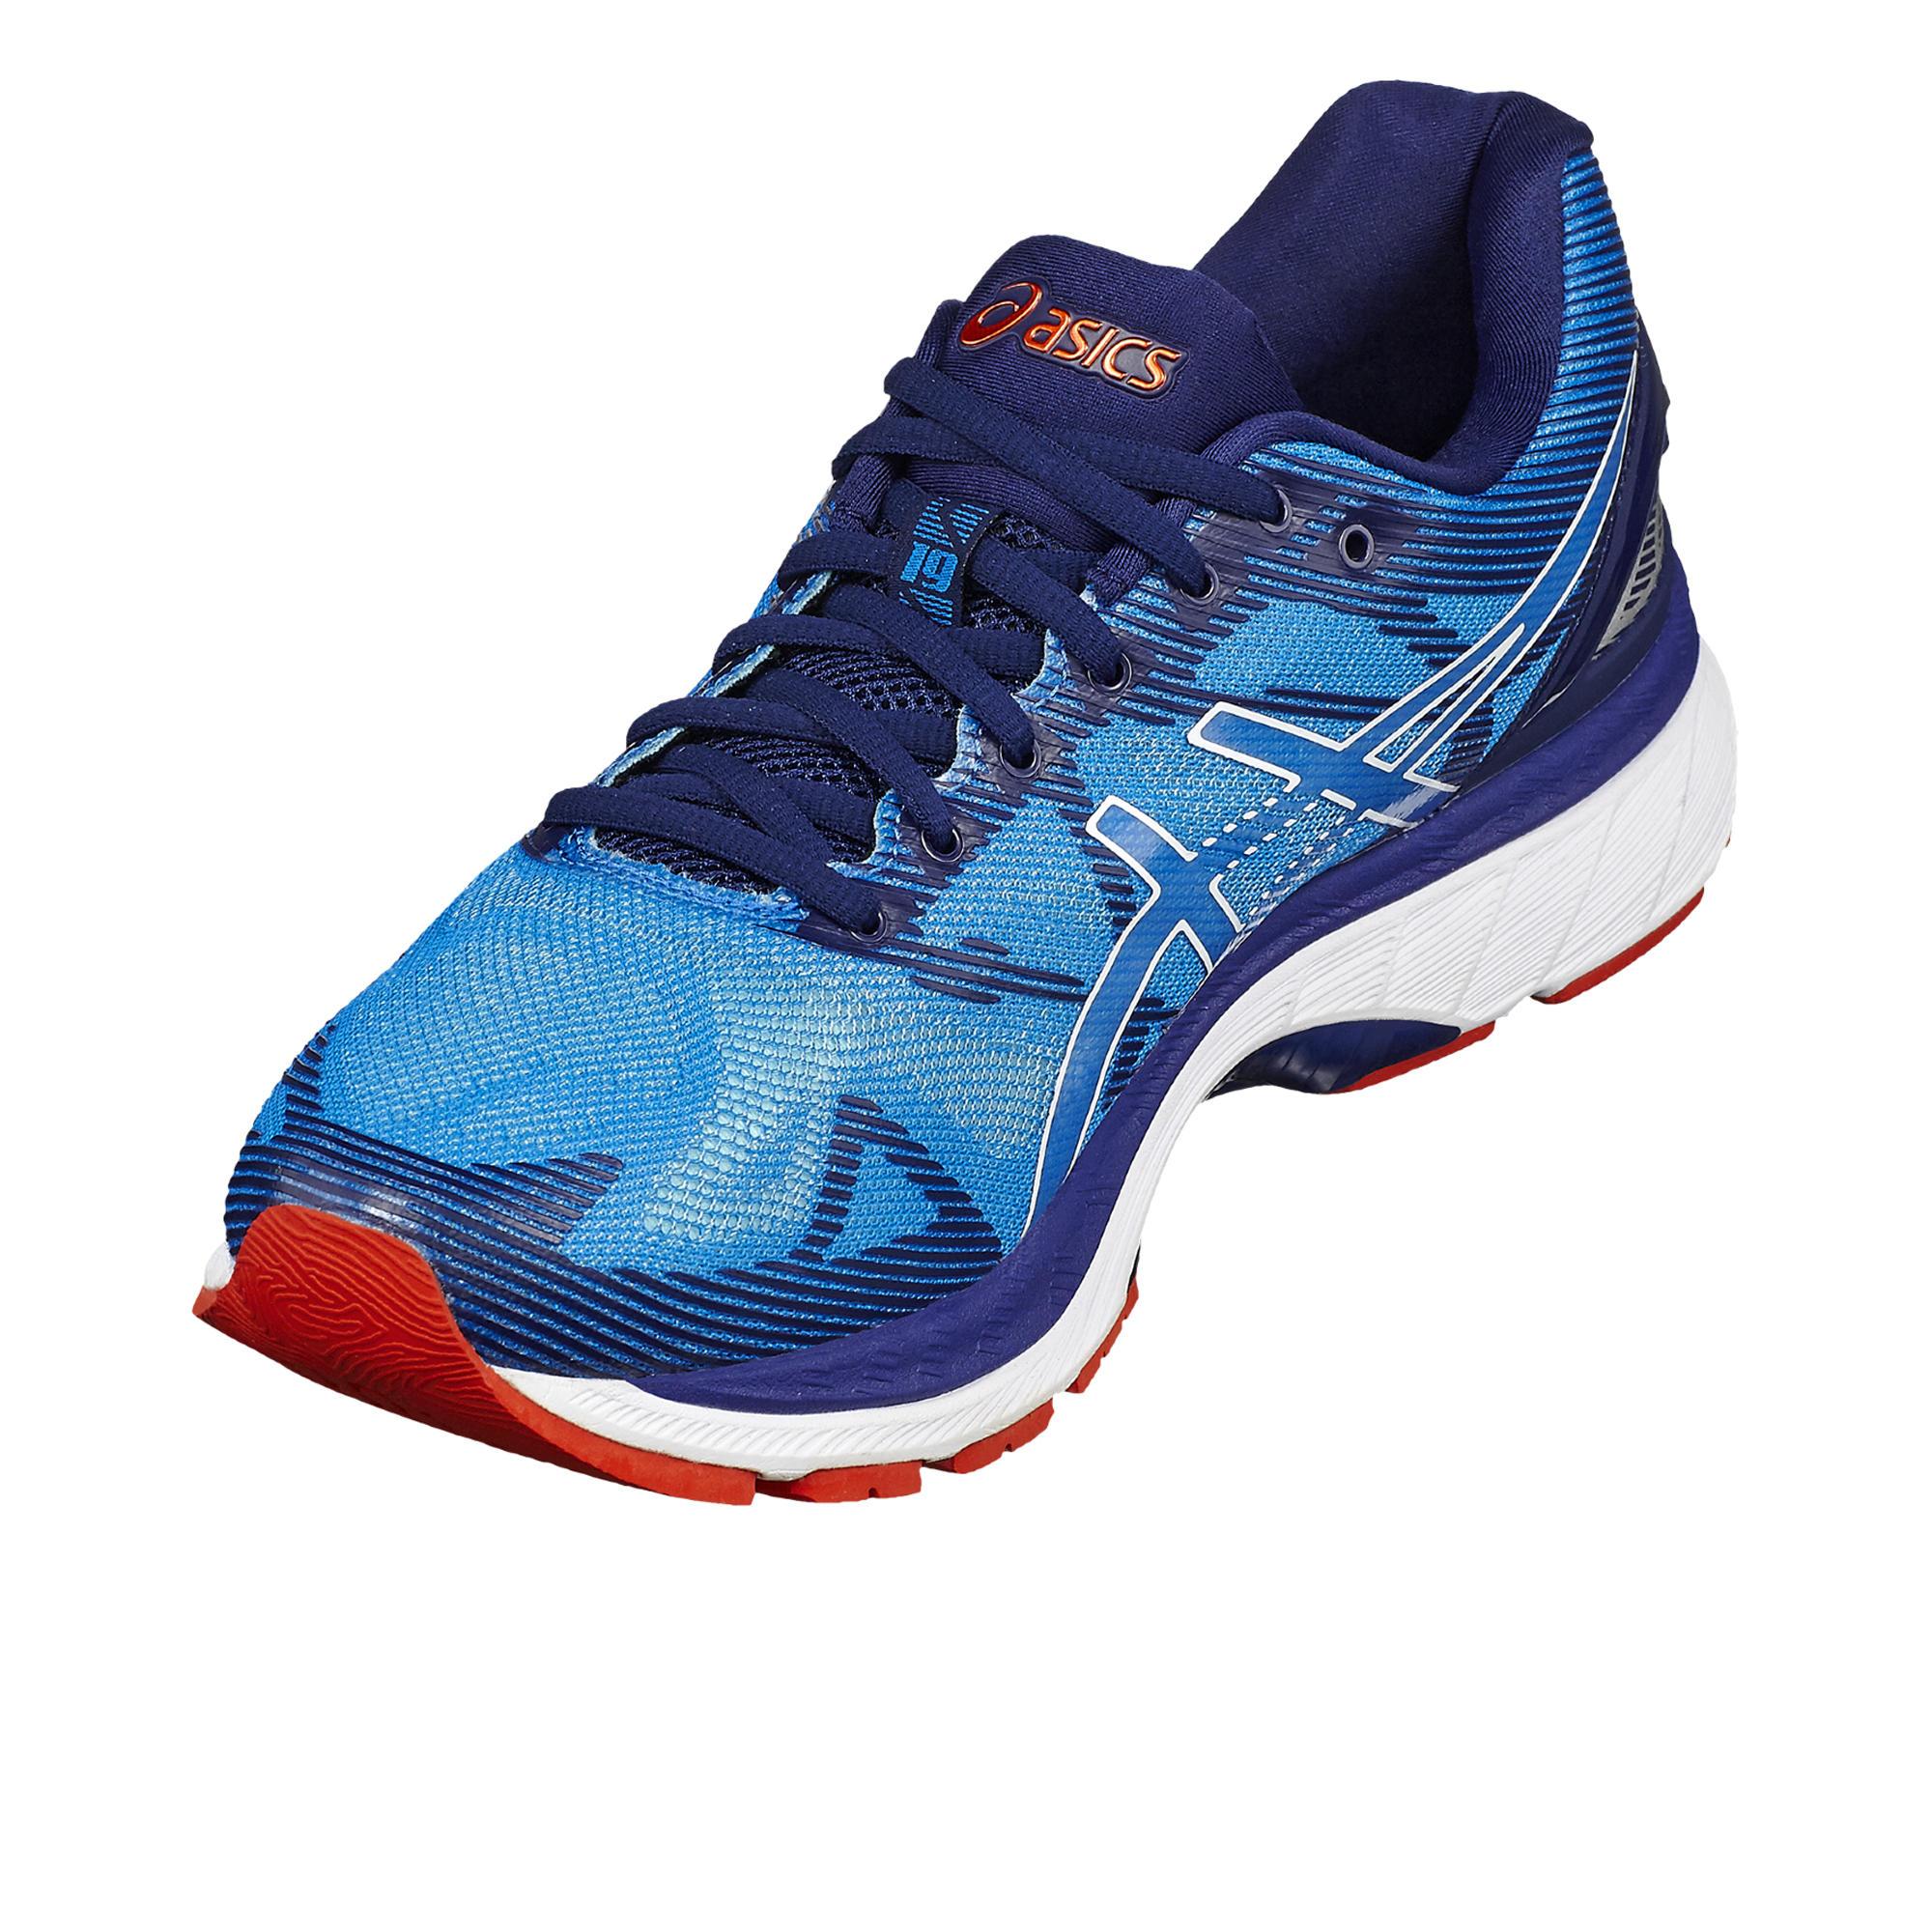 Gel 19 Chaussures Bleu Asics Nimbus Running Homme JcK1TlF3